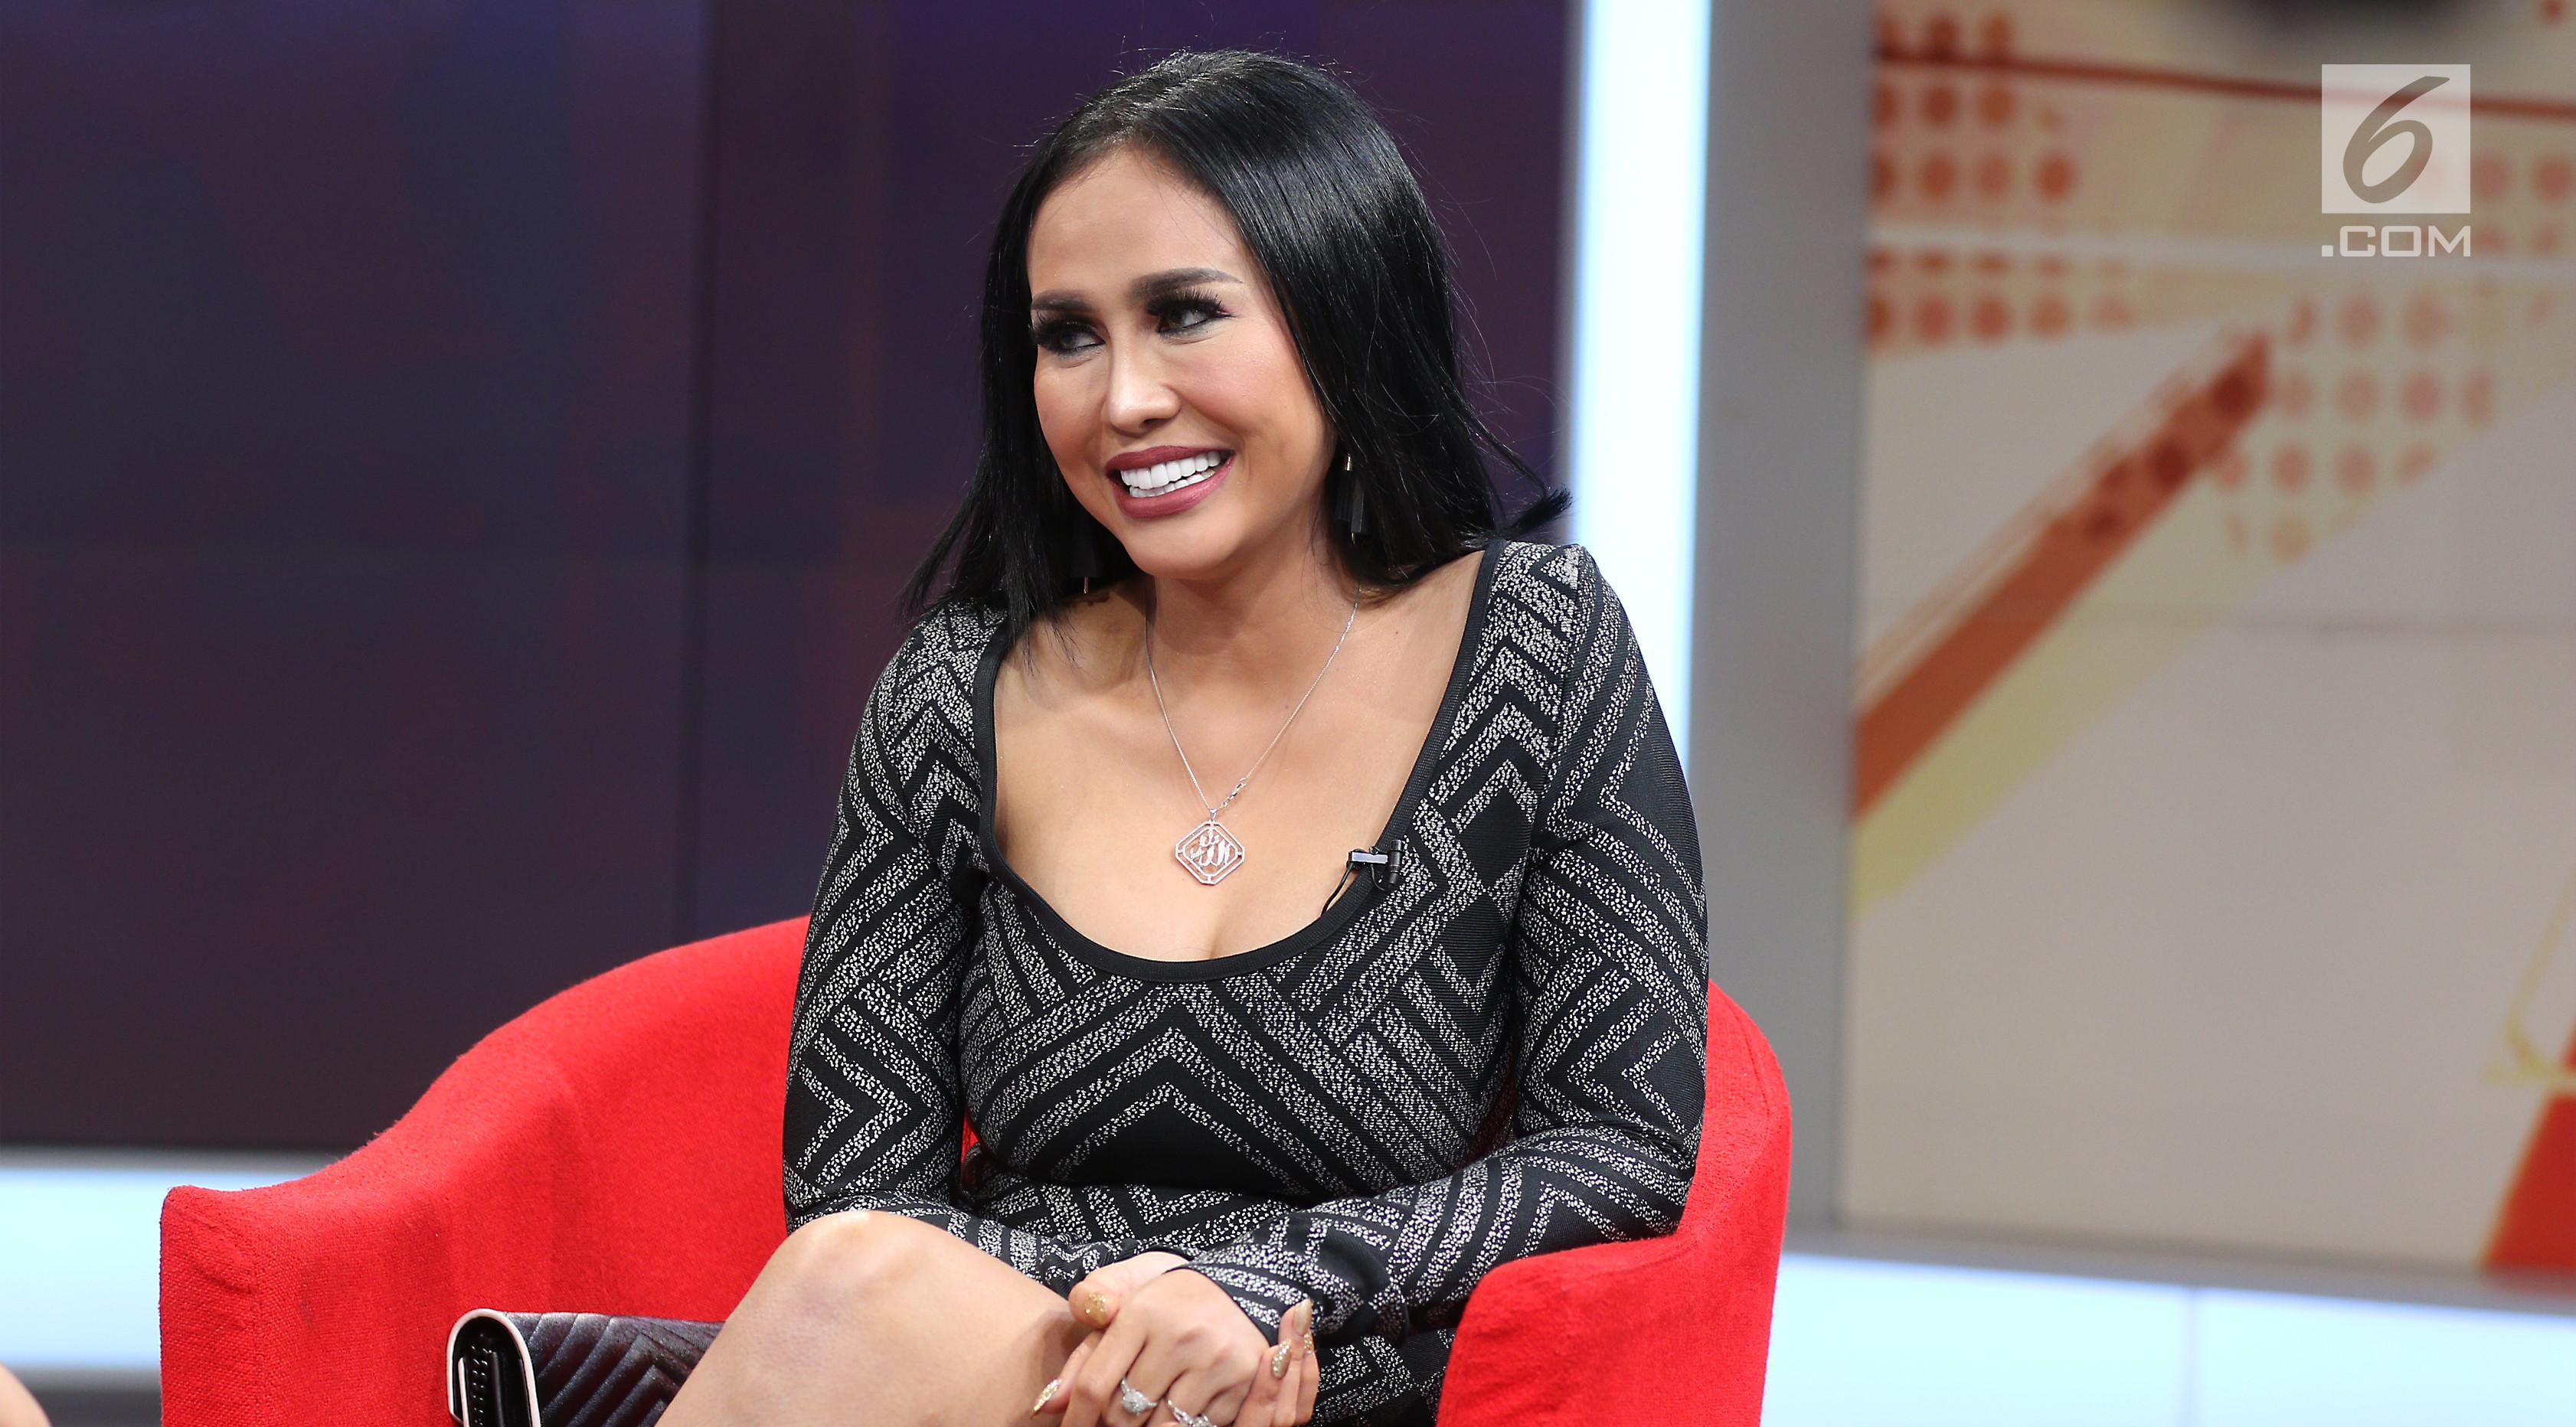 Penyanyi dangdut, Ratu Meta saat menjadi bintang tamu dalam acara Dear Haters di Liputan6.com, SCTV Tower, Jakarta, Kamis (26/10). (Liputan6.com/Fatkhur Rozaq)